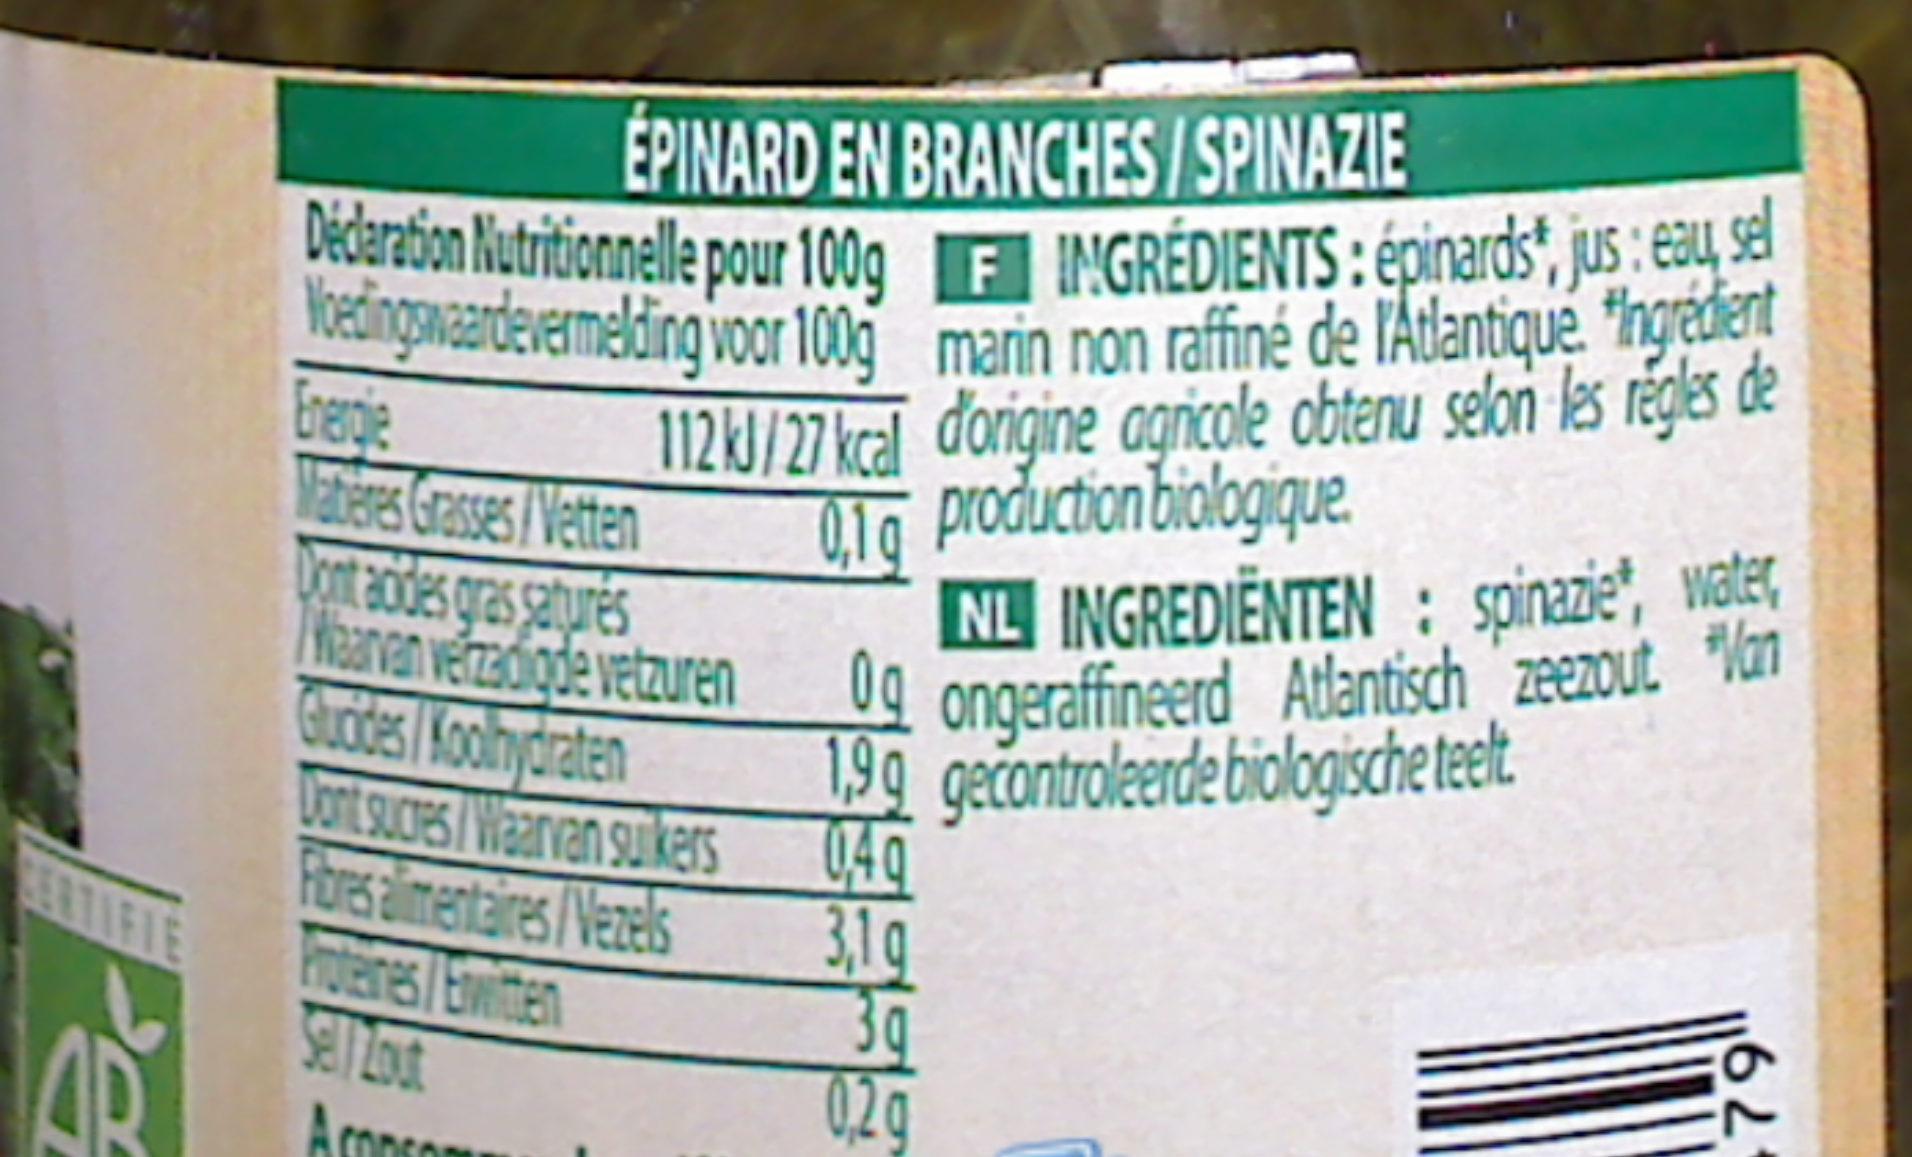 Épinard en branches - Ingrédients - fr